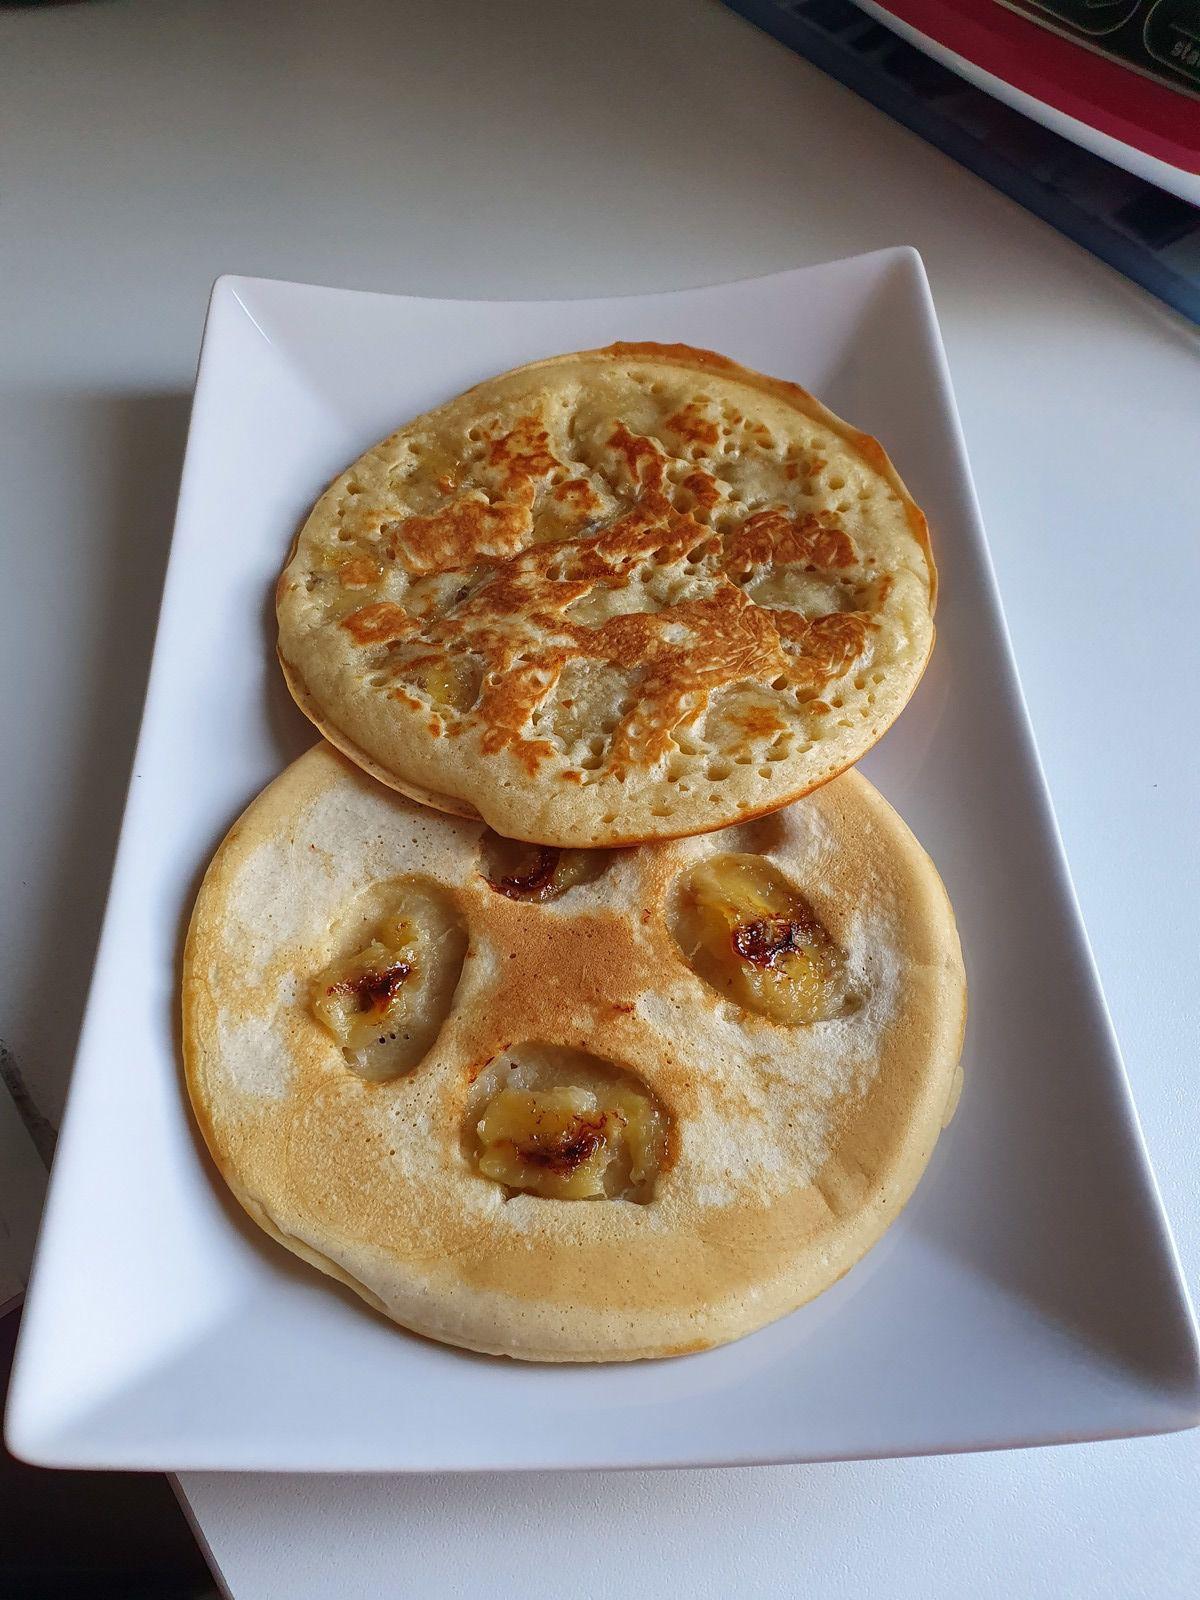 Avec ces quantités de pâte, j'ai pu faire 5 grands pancakes mais cela dépendra de la grandeur de votre petite poêle et de l'épaisseur. Conservez les pancakes recouvert de papier aluminium ou film plastique et dégustez plus tard froid ou tiédi.